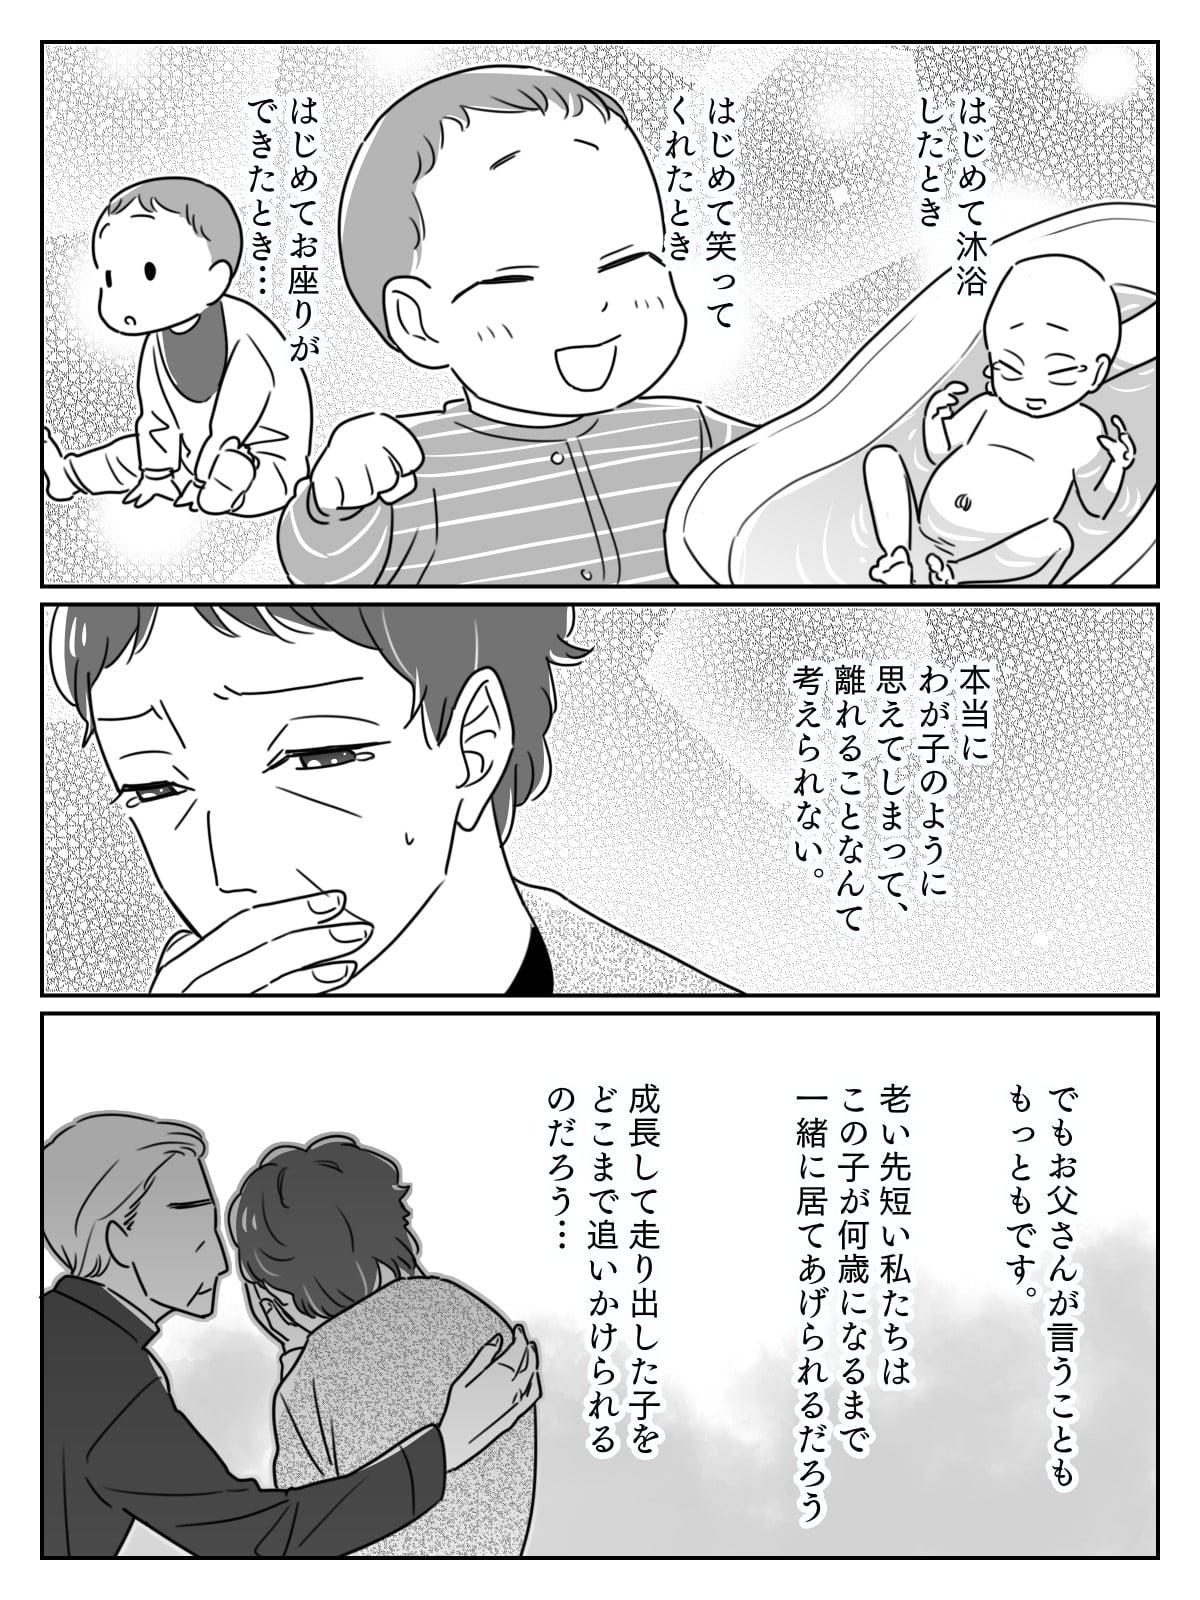 【後編】うつ病で義母に産まれた子どもを預けた息子夫婦。01